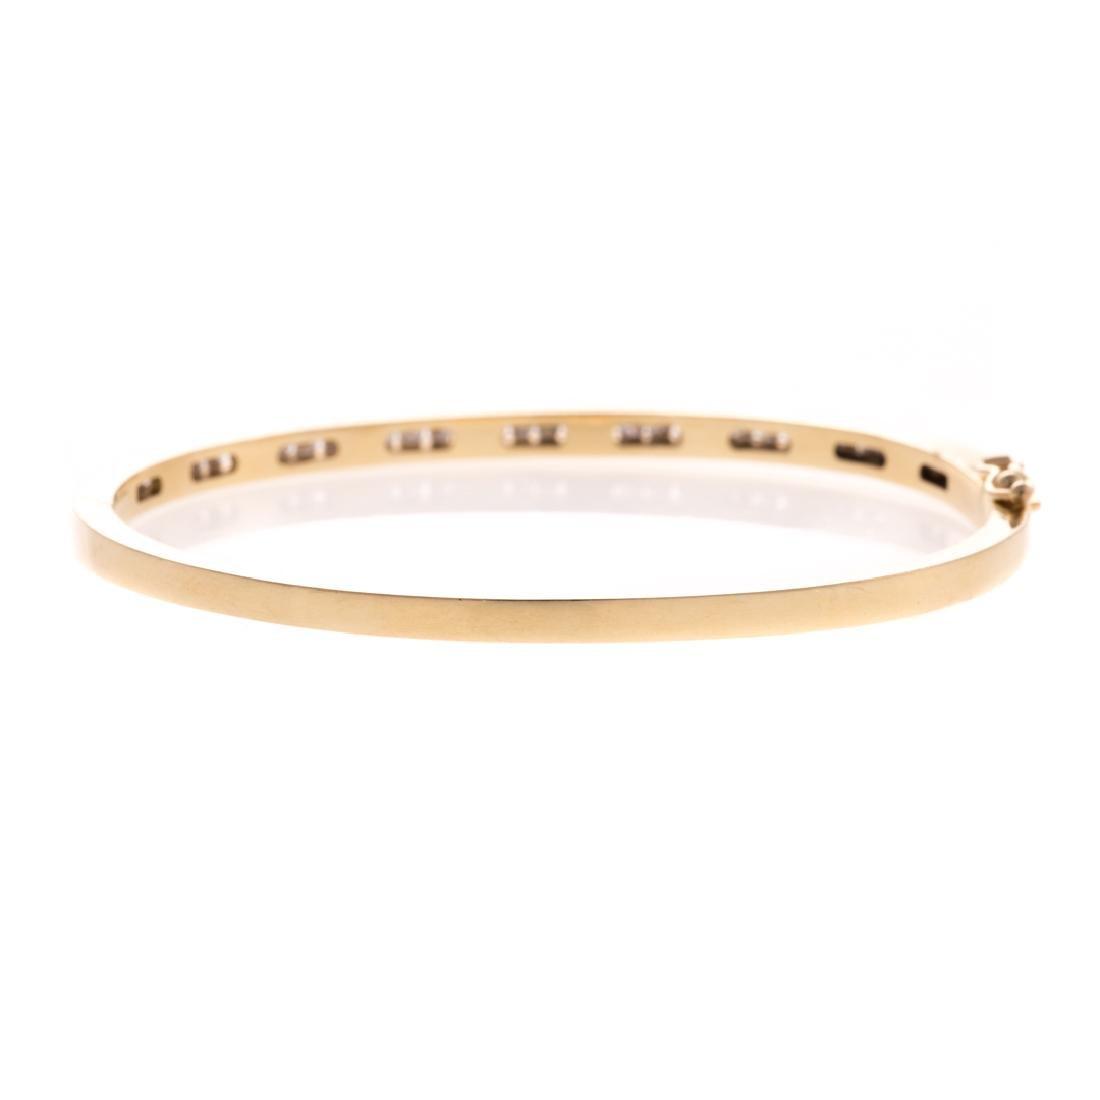 A Lady's Diamond Bangle Bracelet in 14K Gold - 3